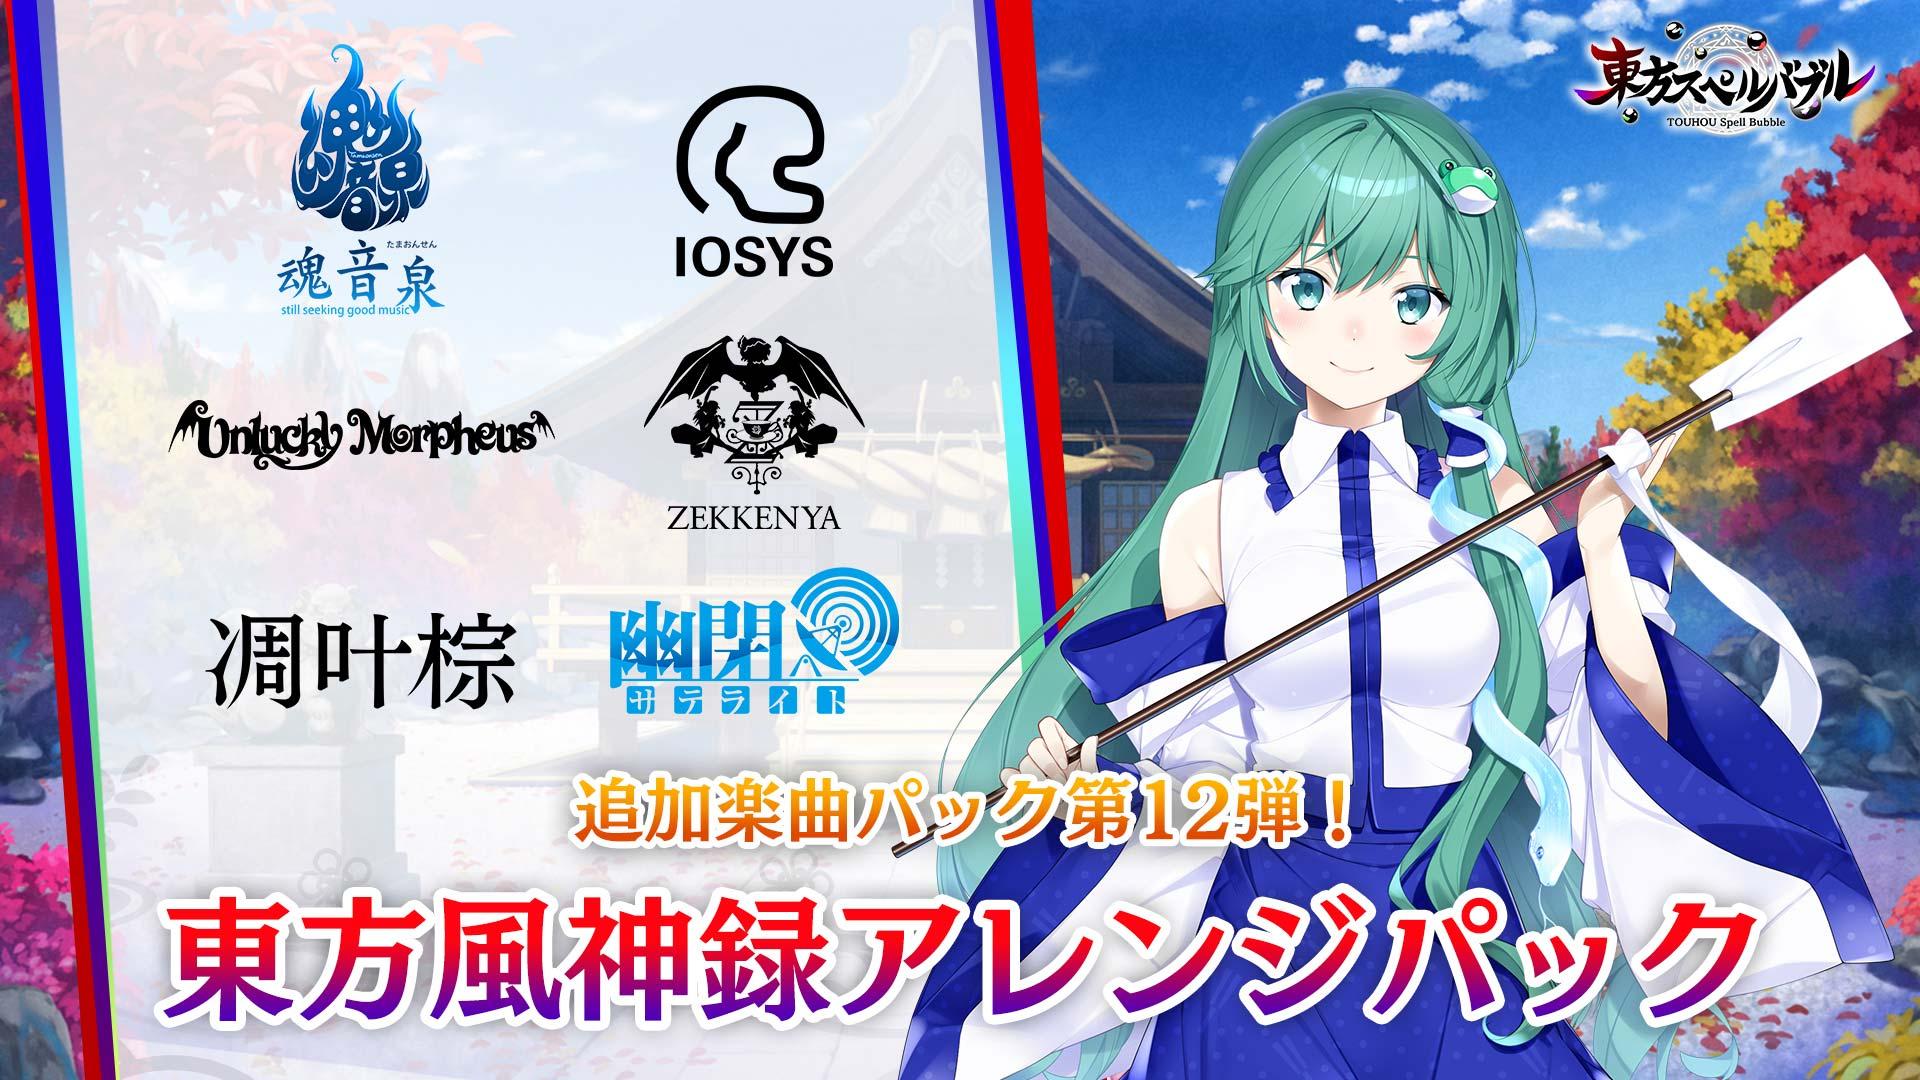 リズミカルパズルゲーム『東方スペルバブル』 「東方風神録アレンジパック」が本日5月20日より配信!